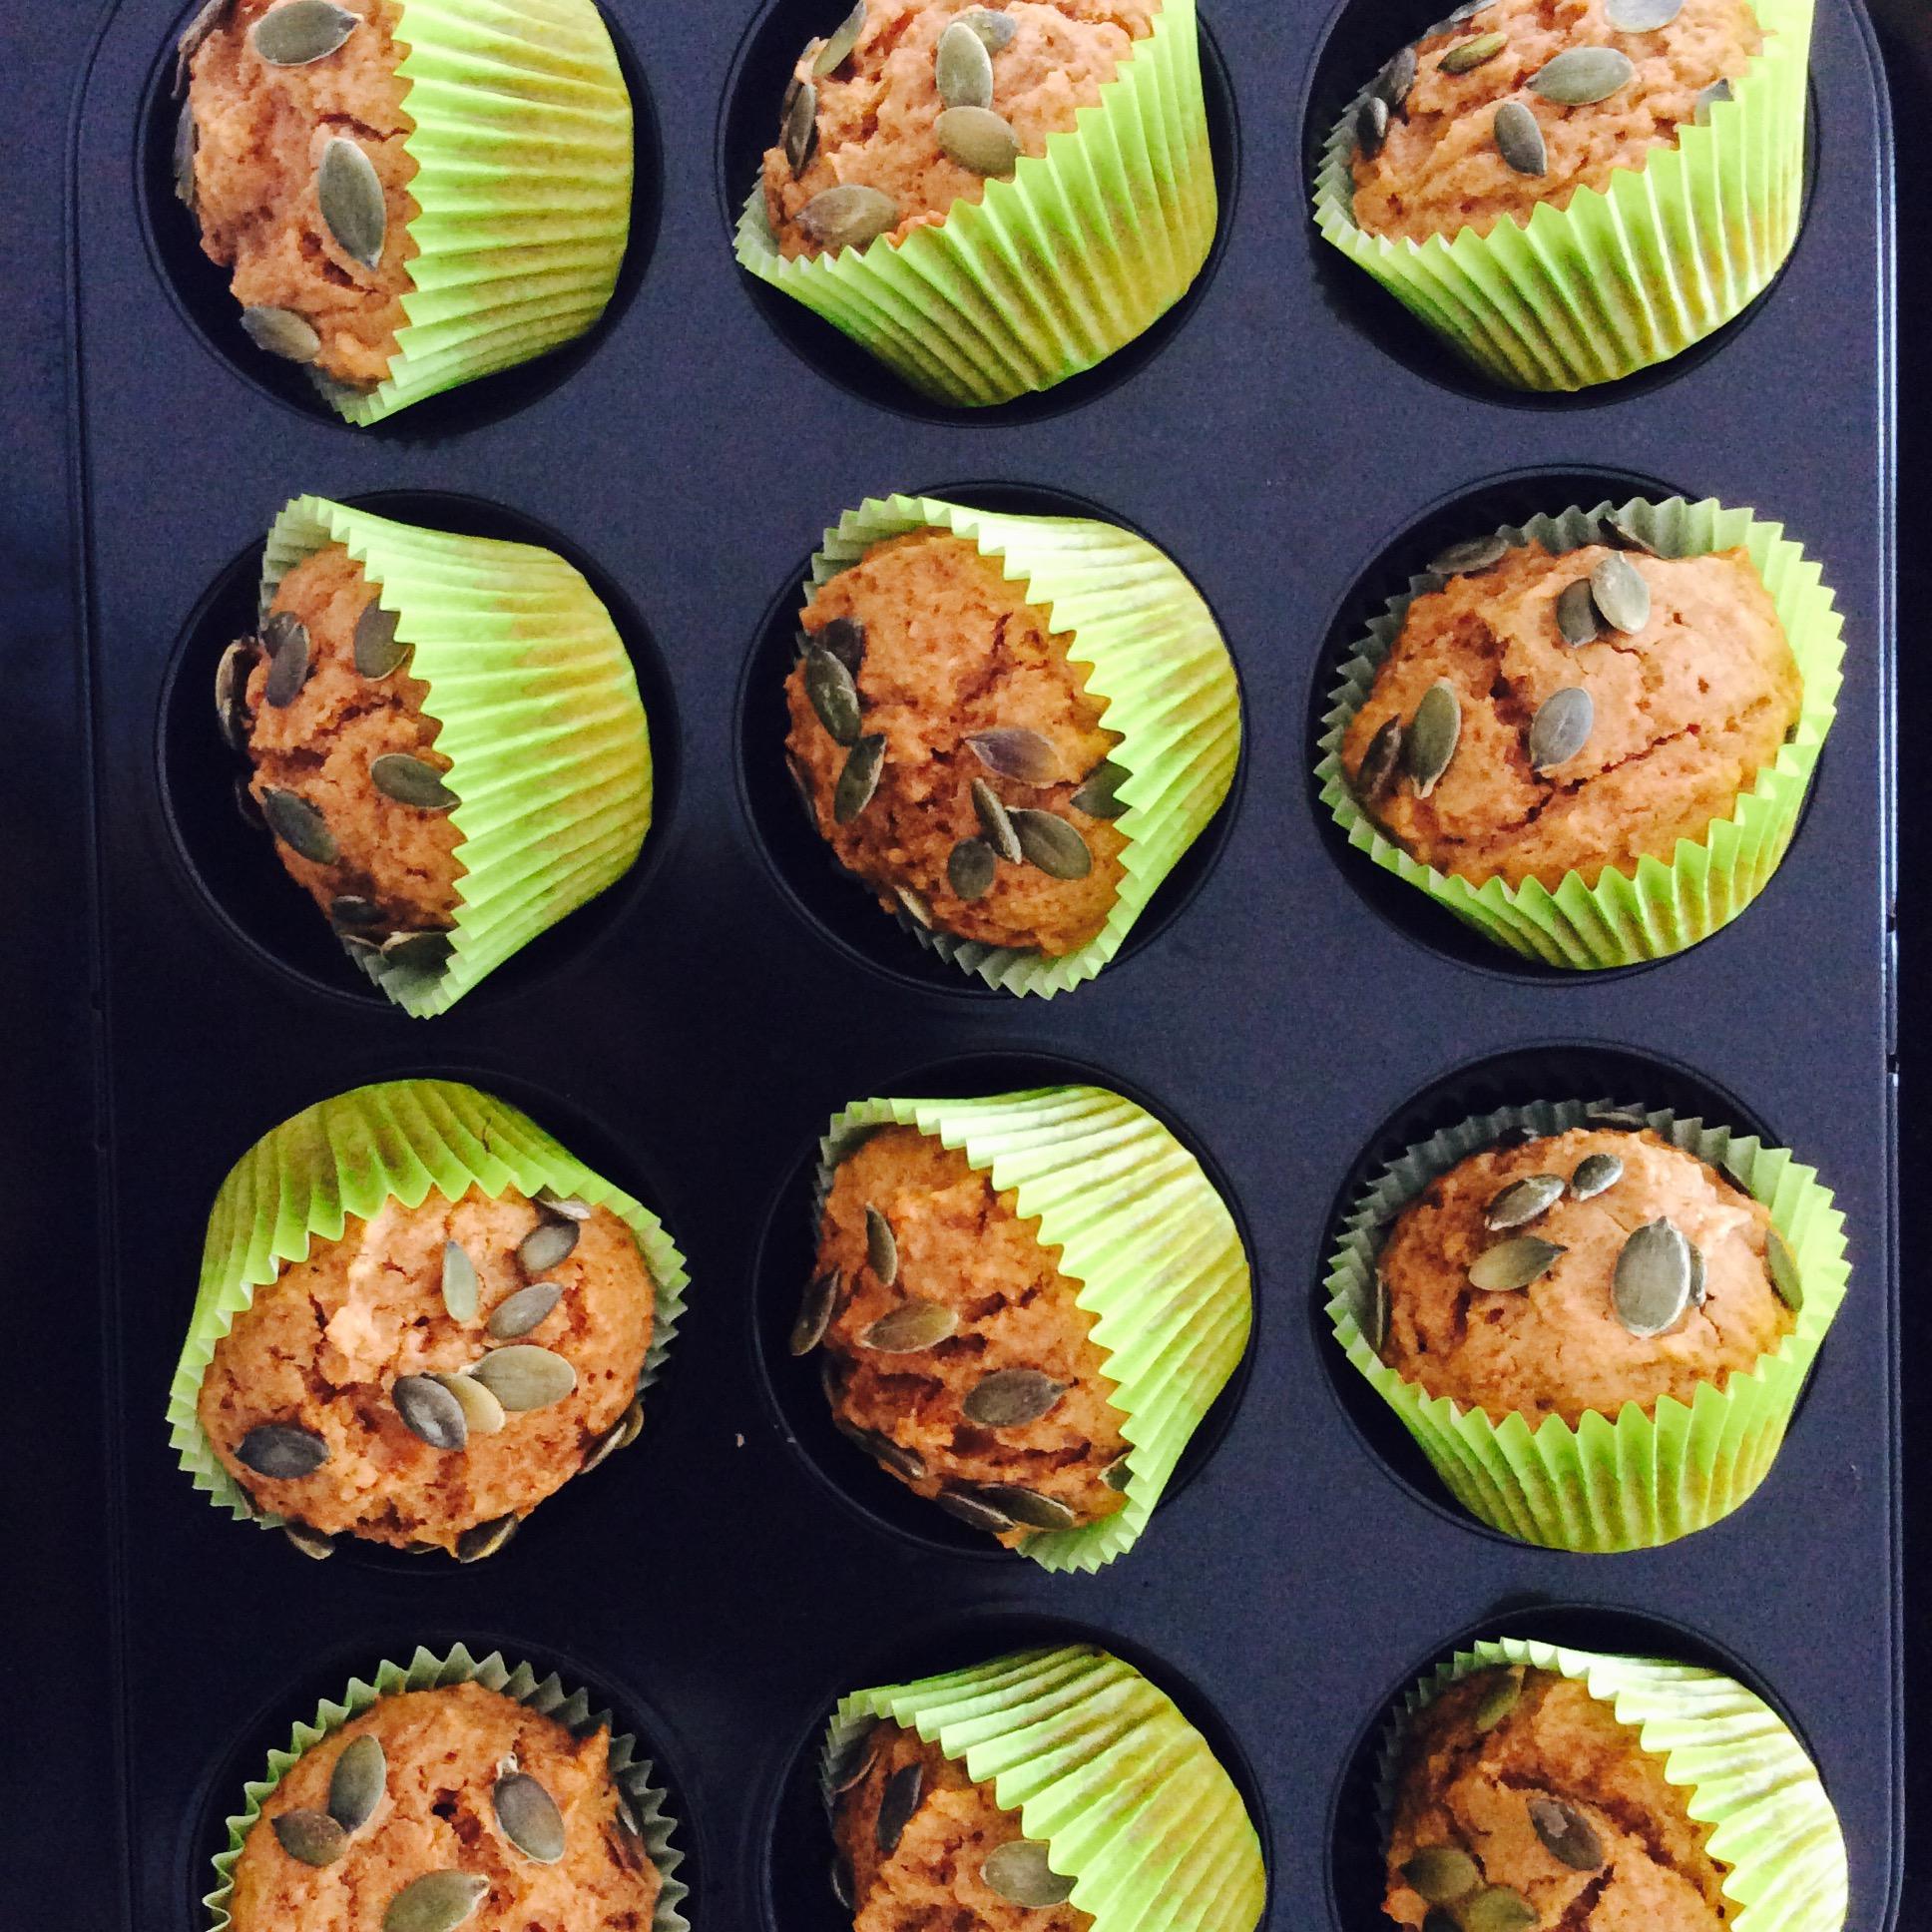 receta-muffins-de-boniato-ido-1